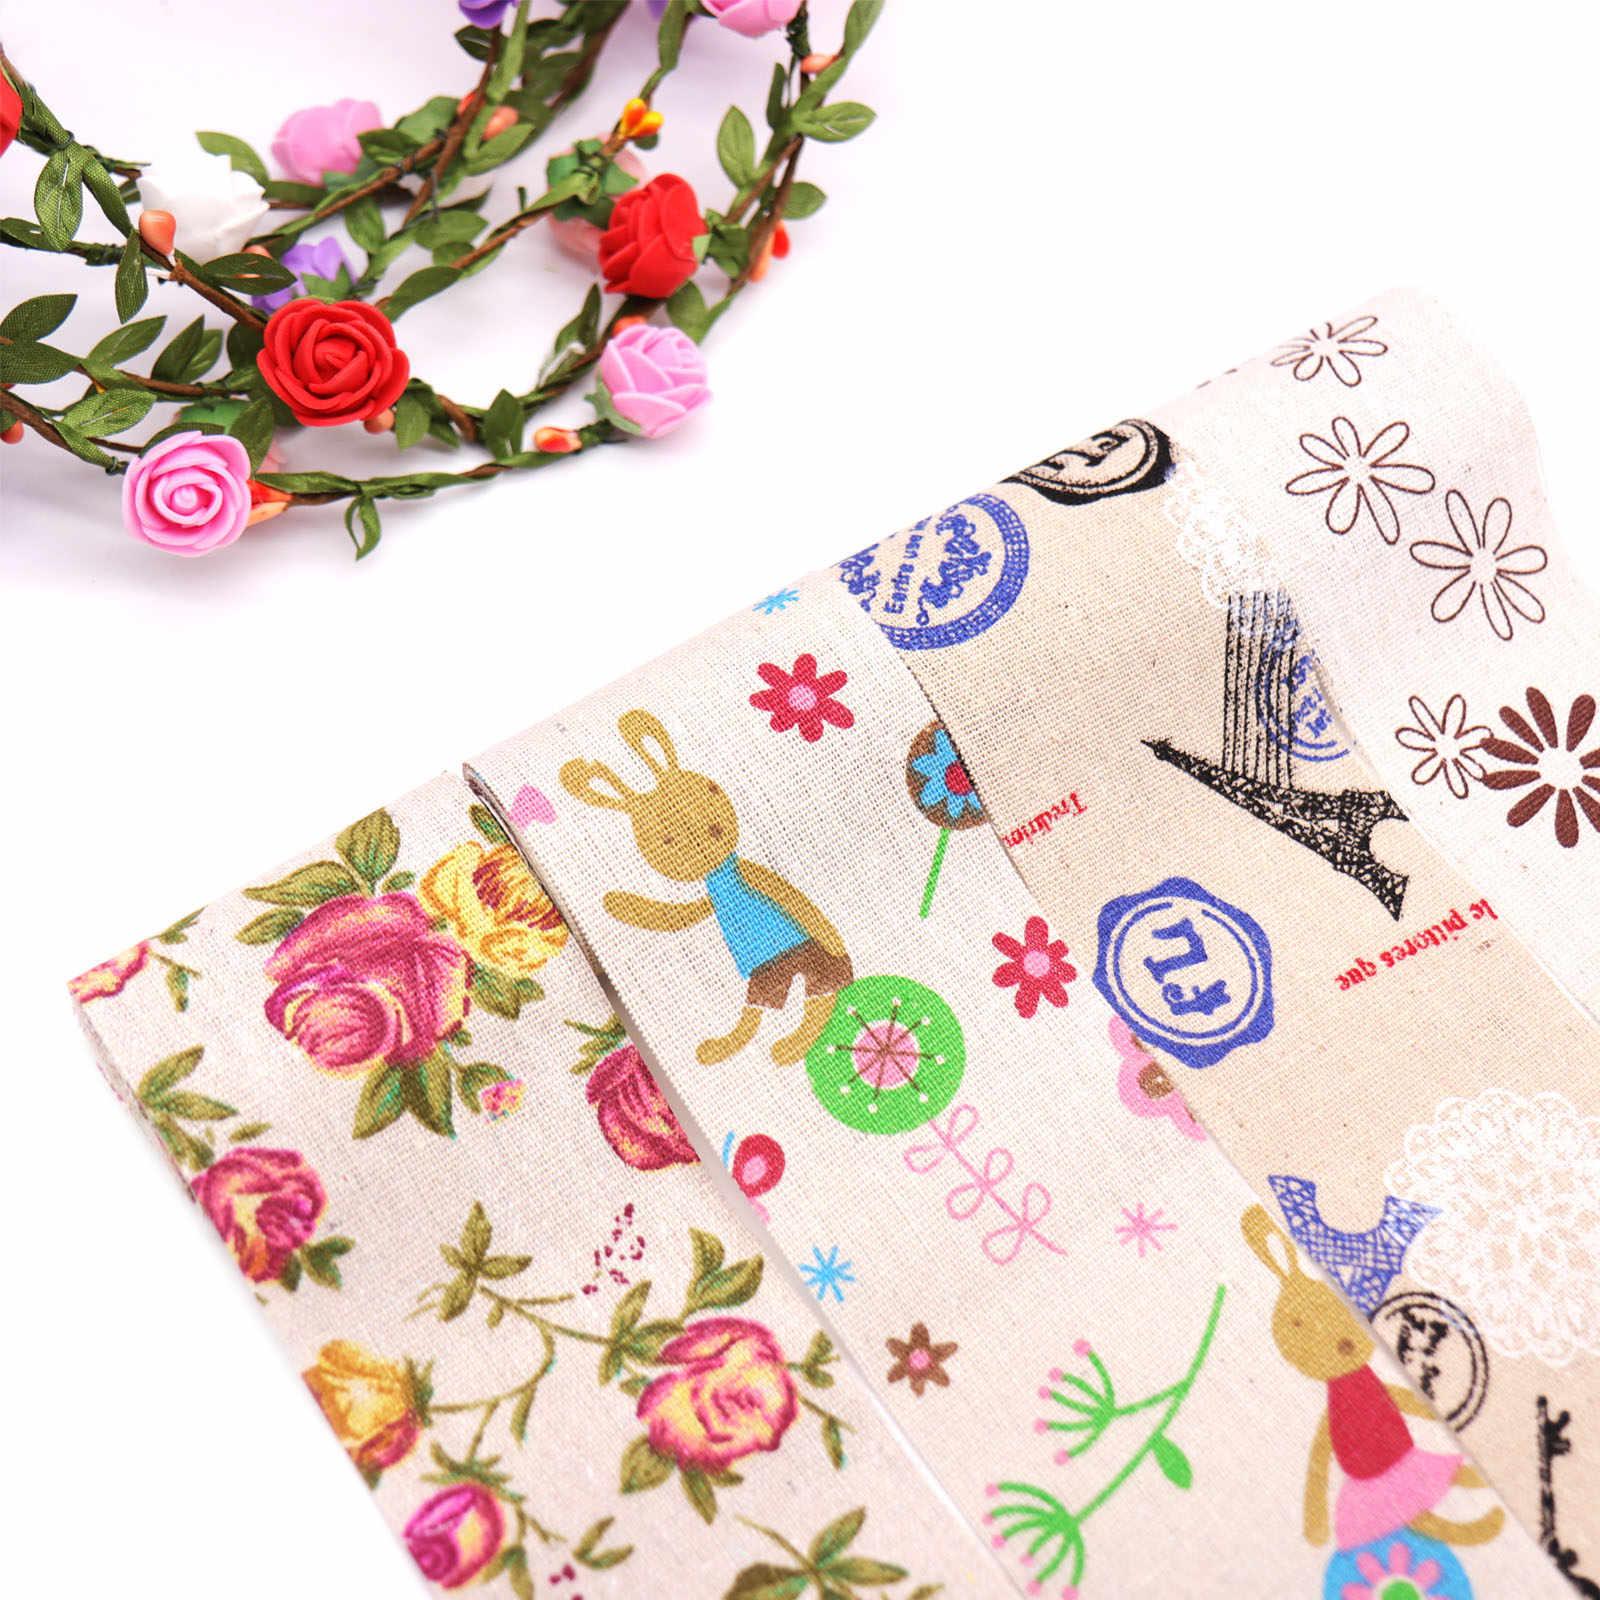 1 rollo 2 m patrones divertidos algodón Lino tela acolchado Patchwork para coser muñecas almohada funda artesanía accesorio arpillera